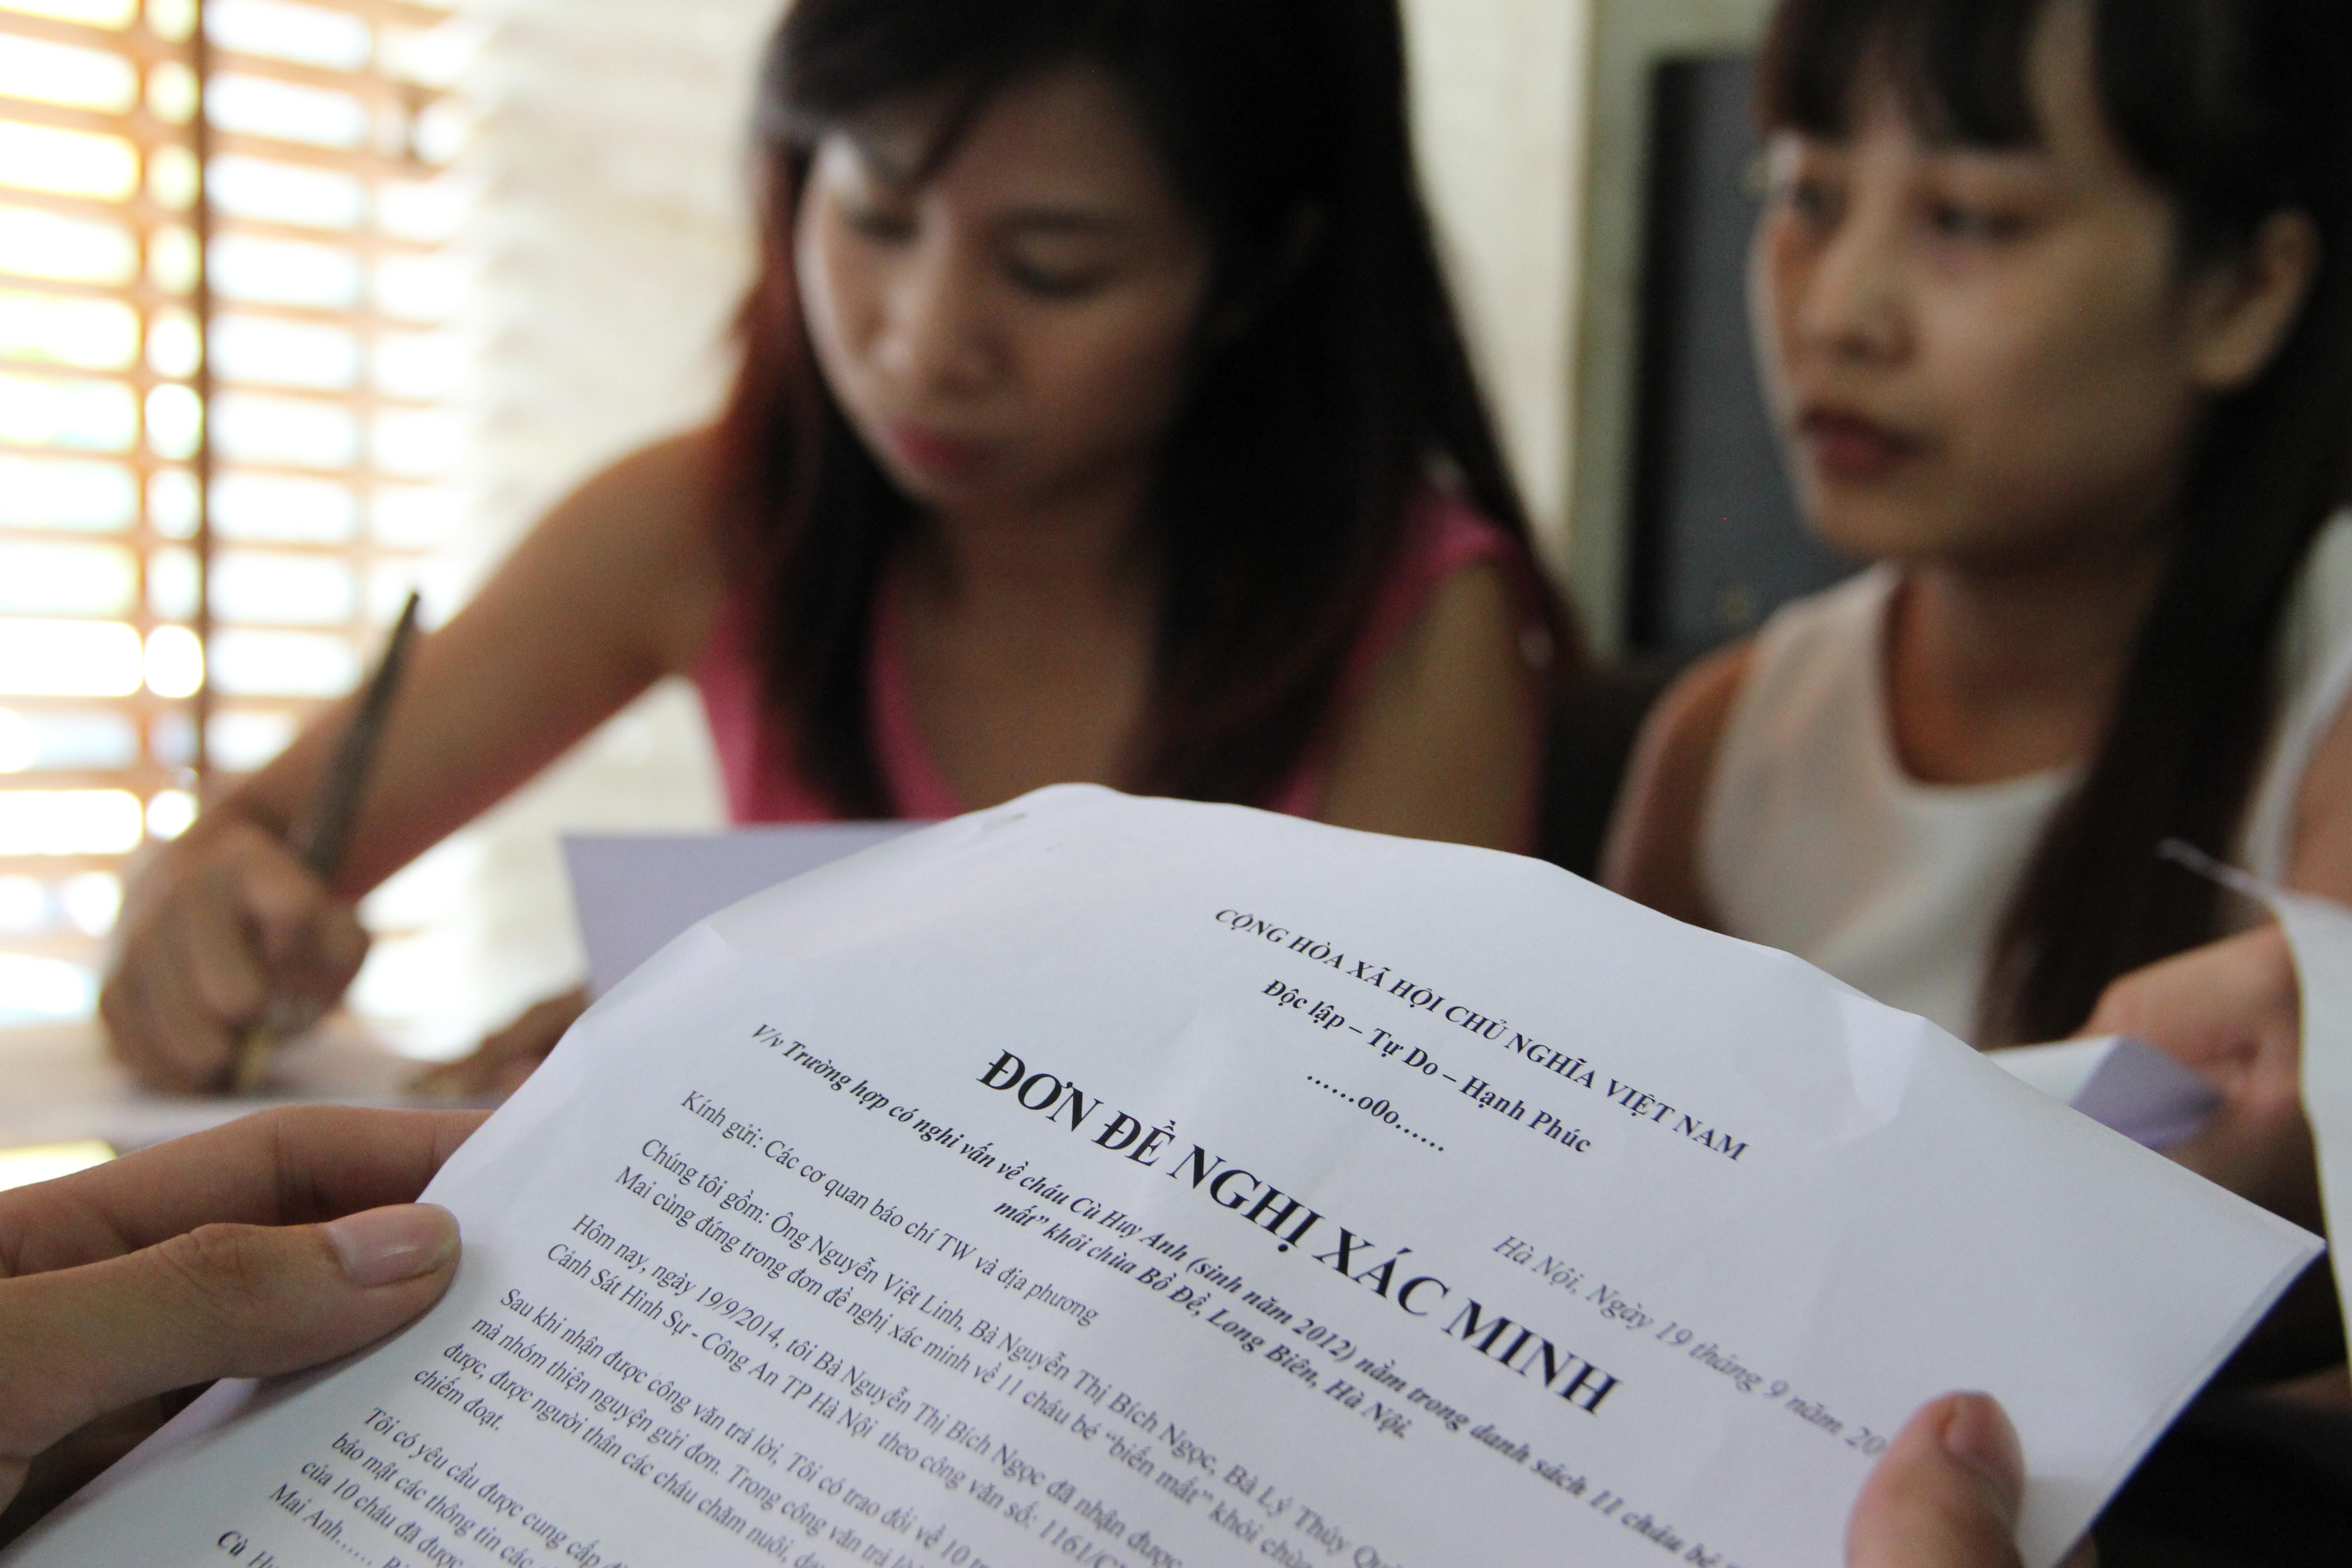 Nghi vấn đánh tráo trẻ em tại chùa Bồ Đề: Nhóm thiện nguyện lên tiếng 7